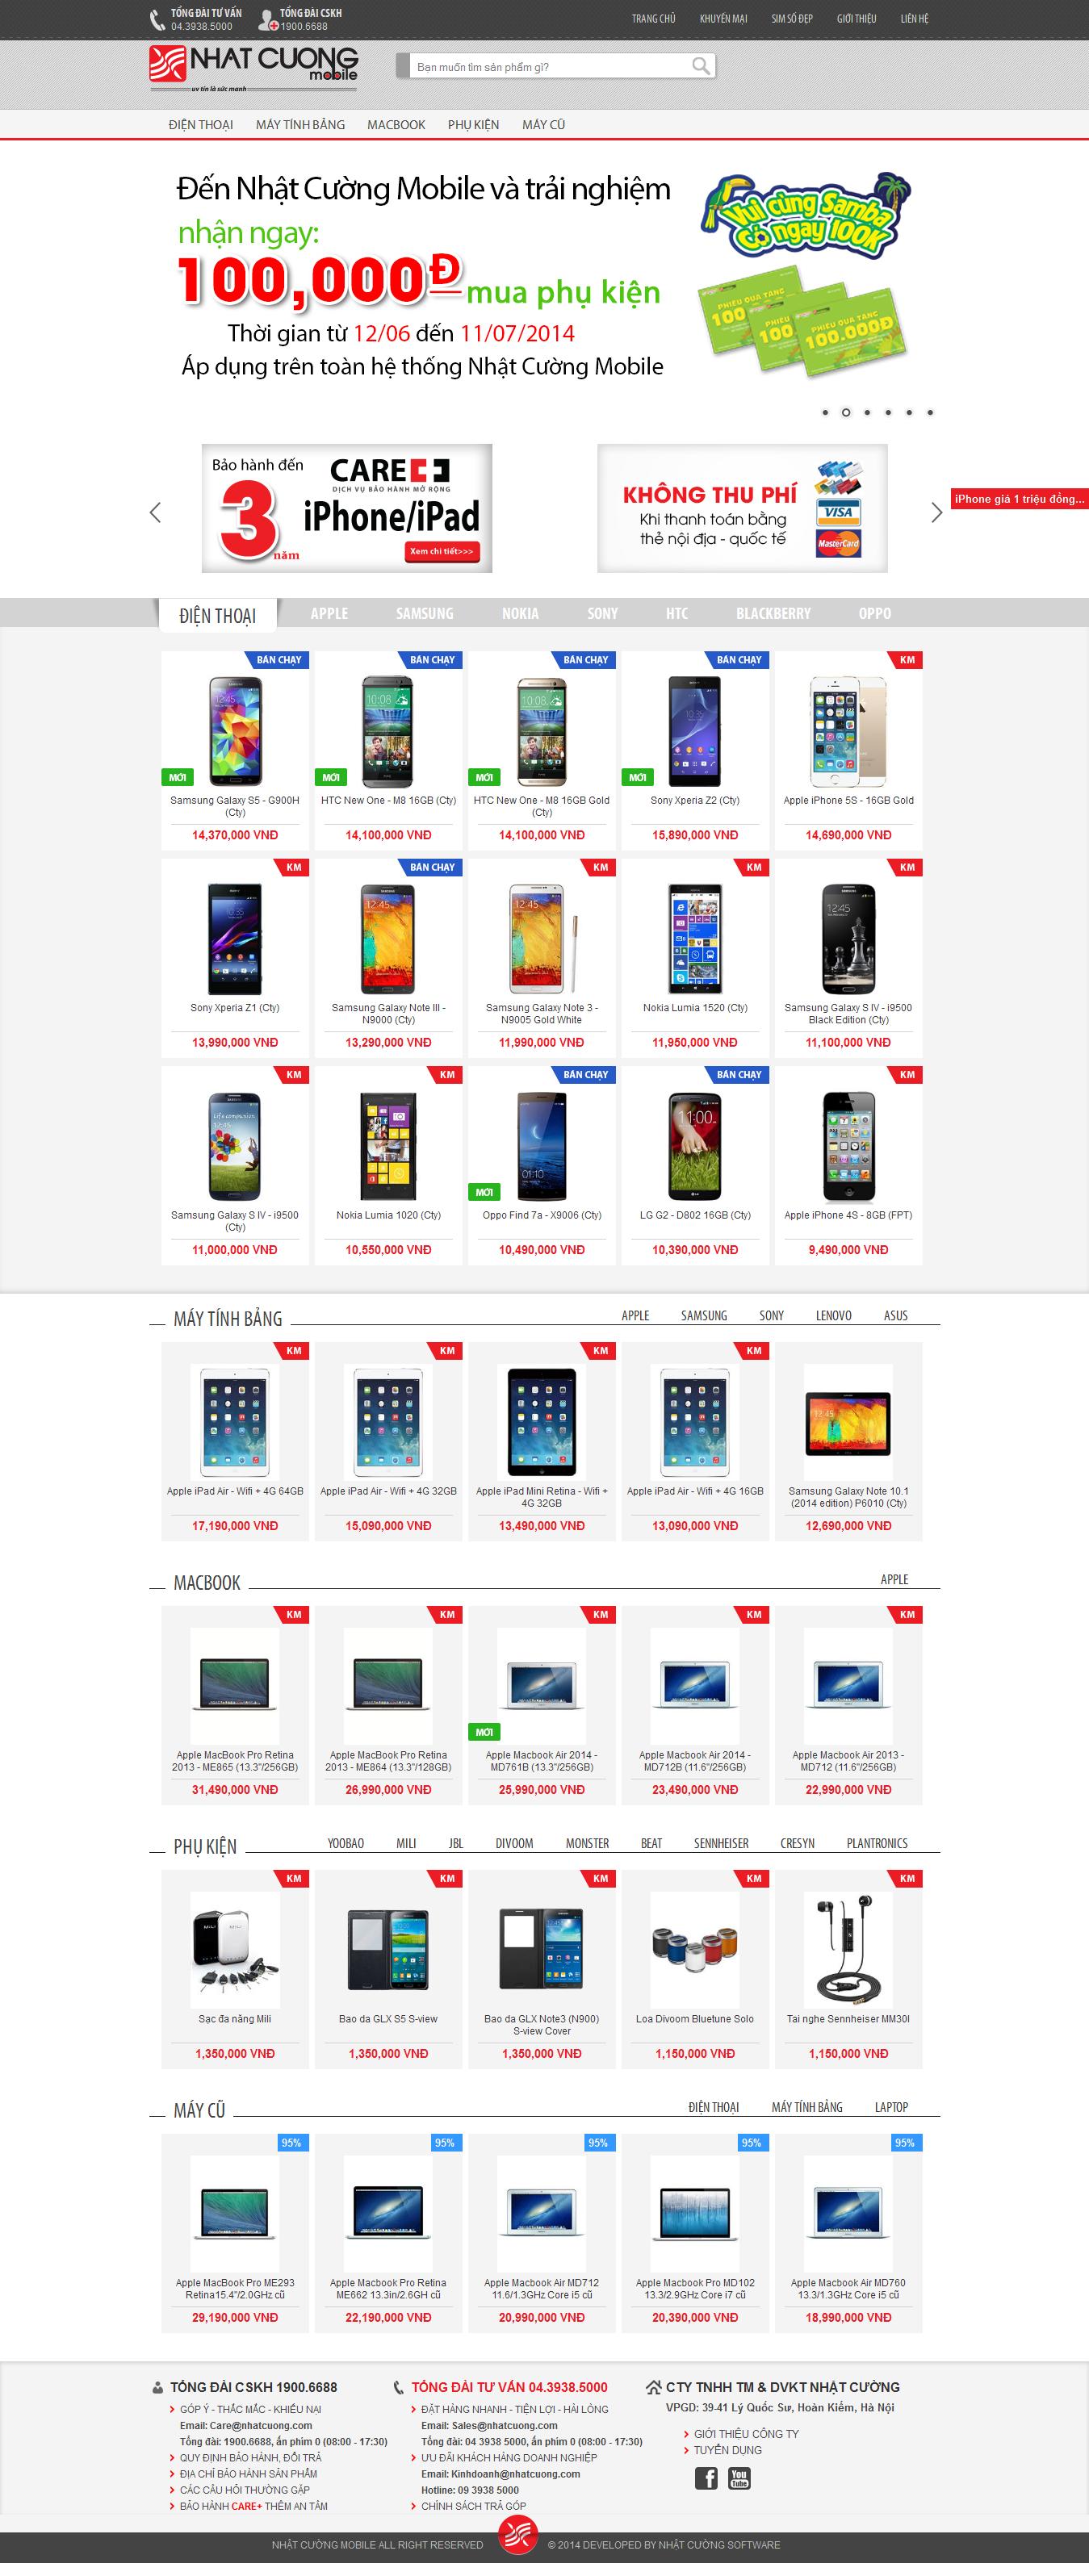 Mẫu website bán hàng di động 10105